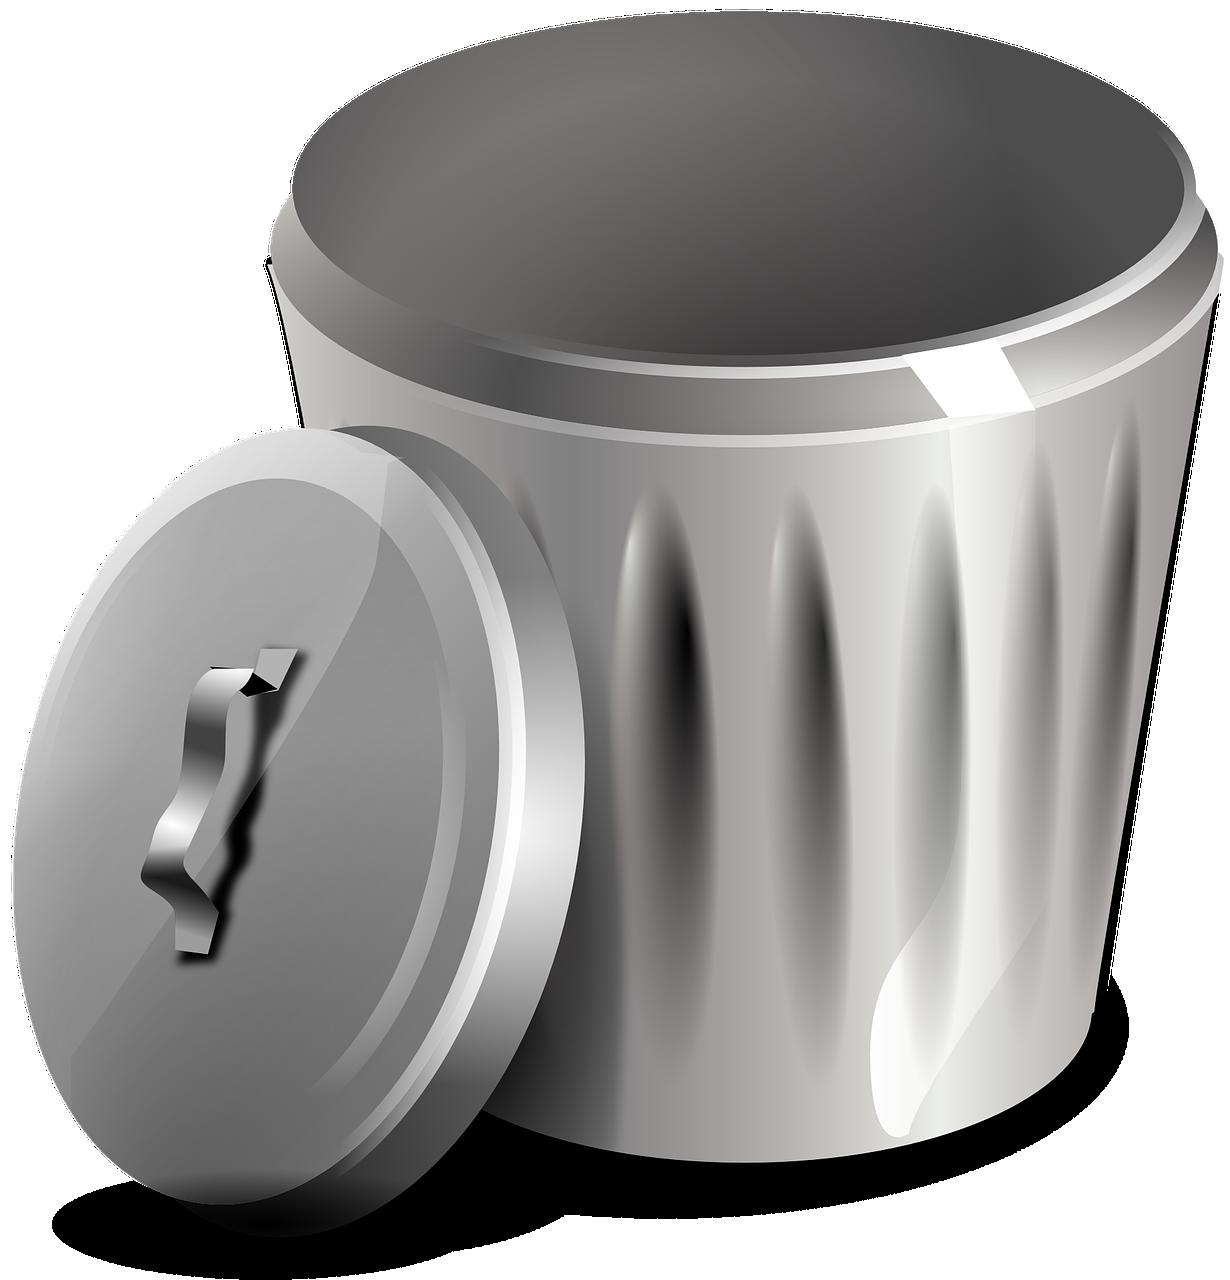 Talking To Myself - Garbage in Plans Thumbnail